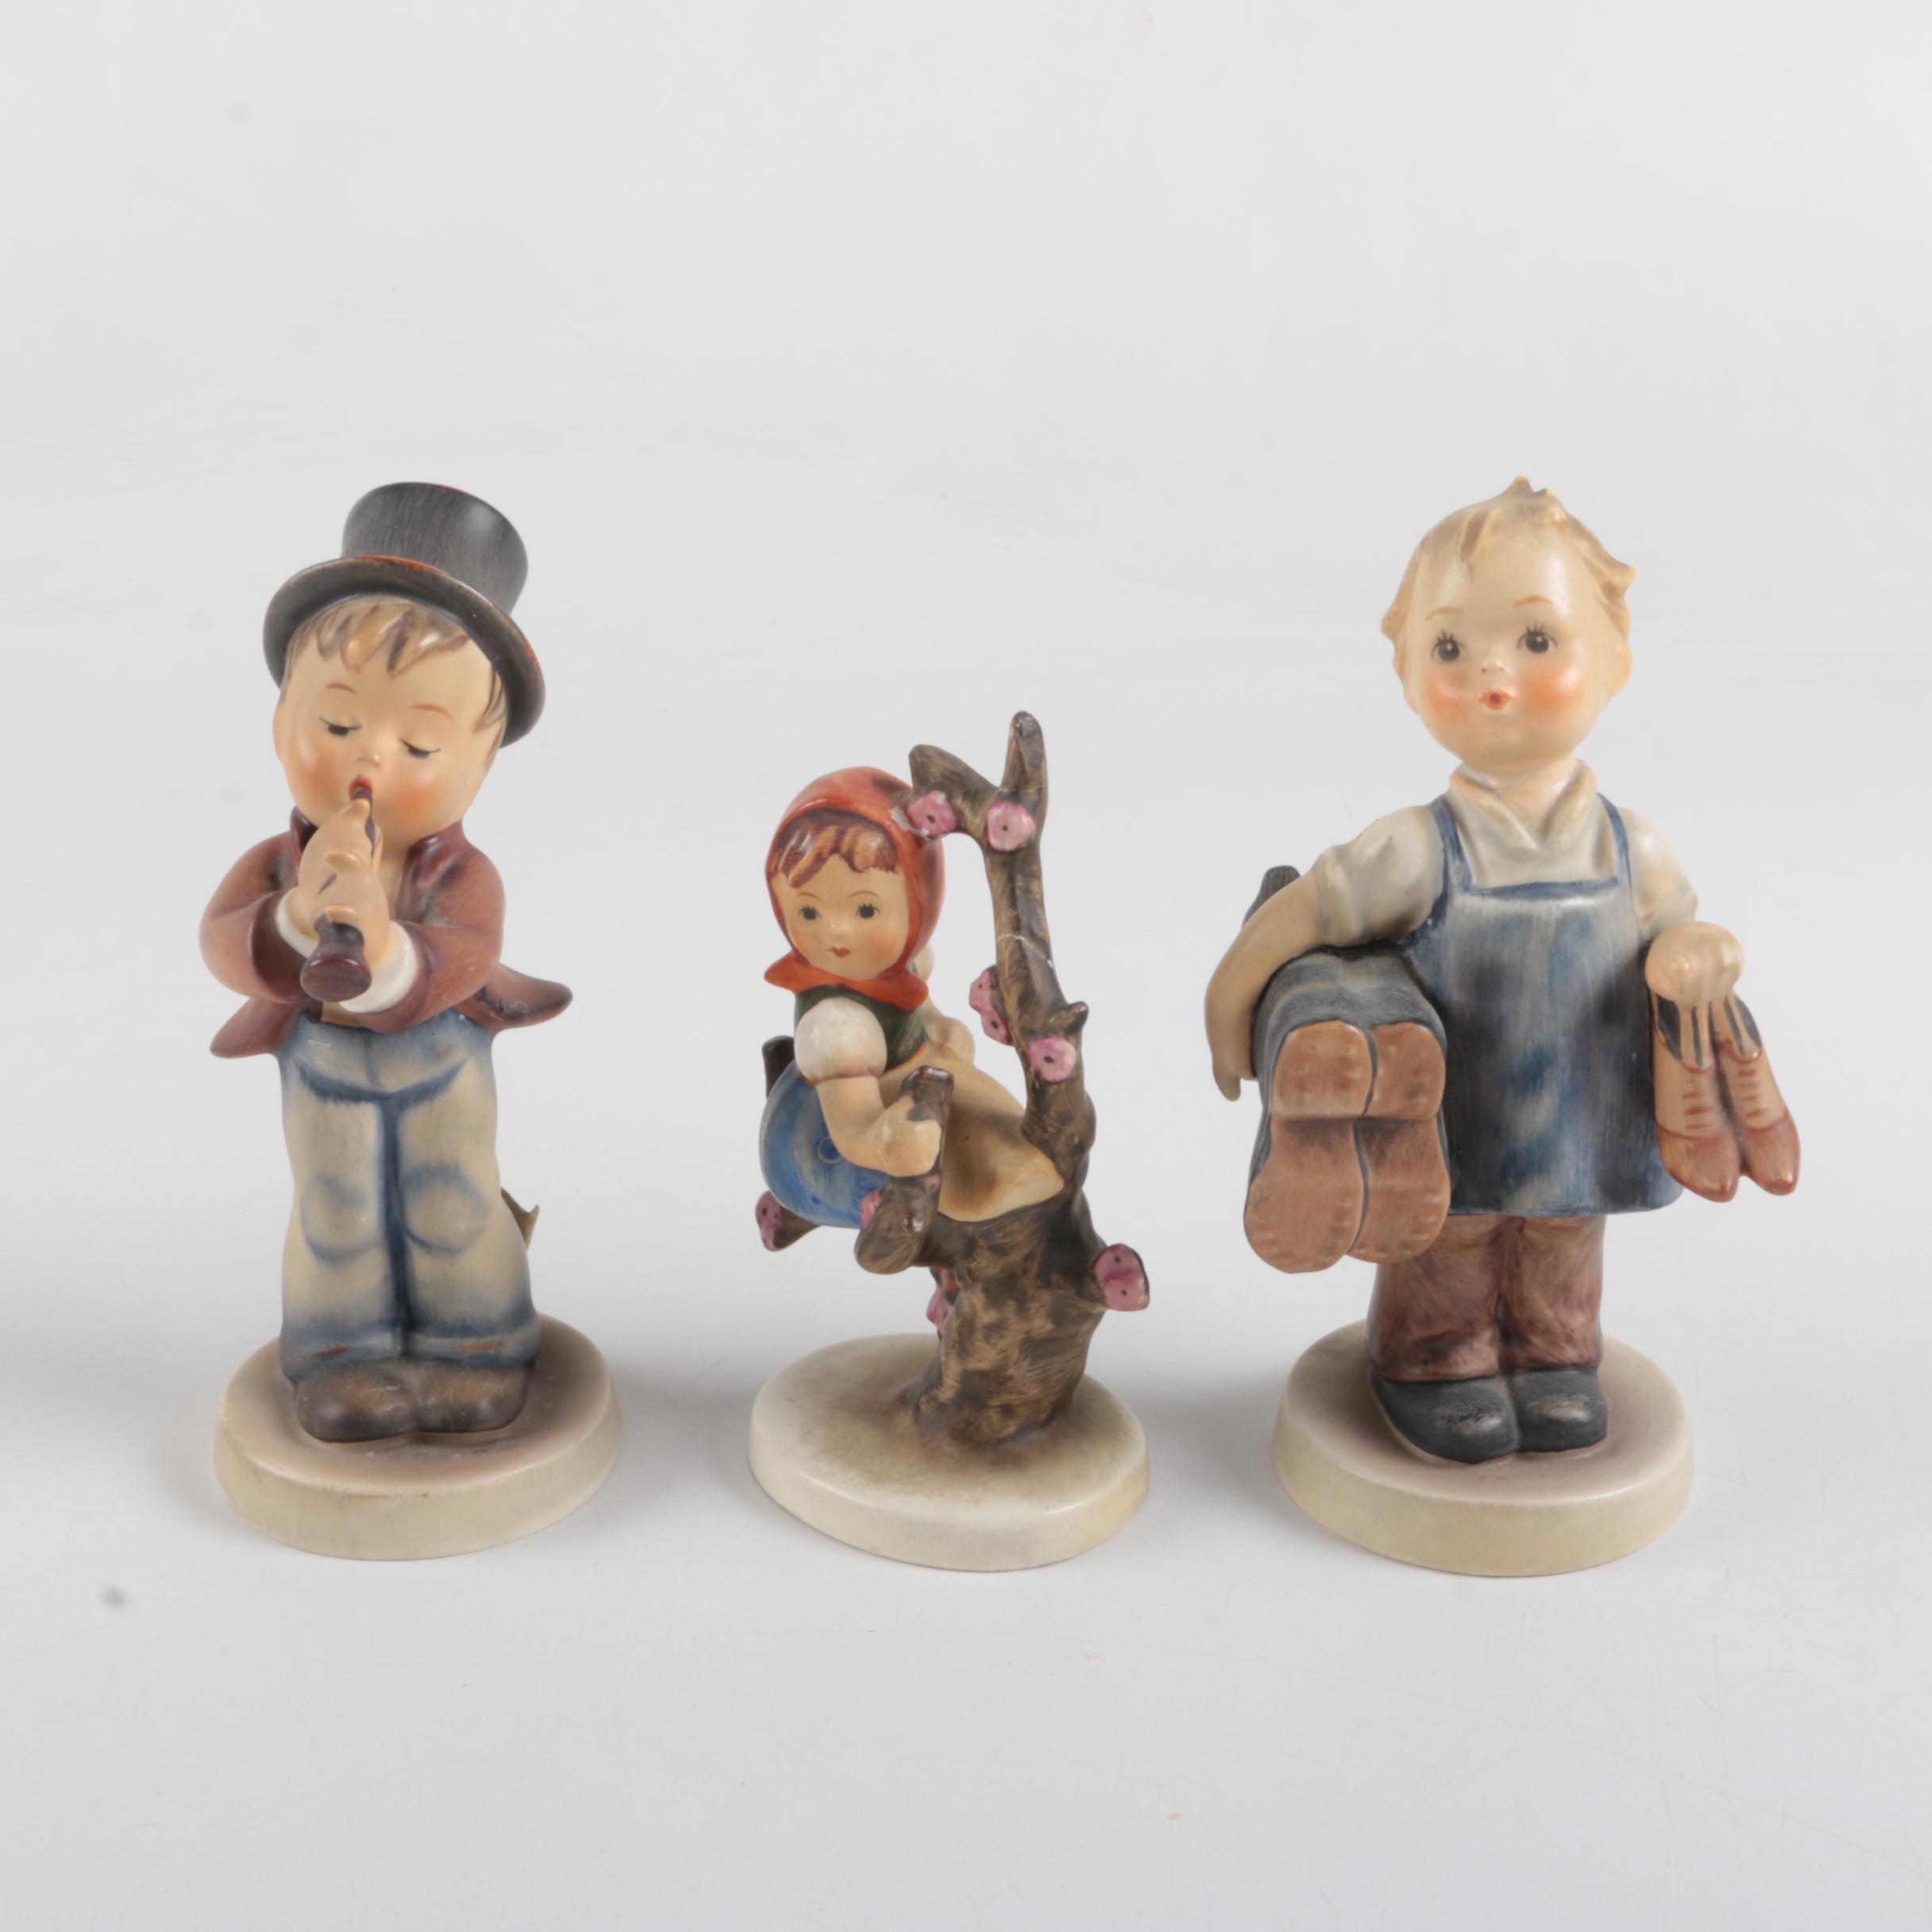 """Vintage Hummel and Goebel Porcelain Figurines Including """"Apple Tree Girl"""""""